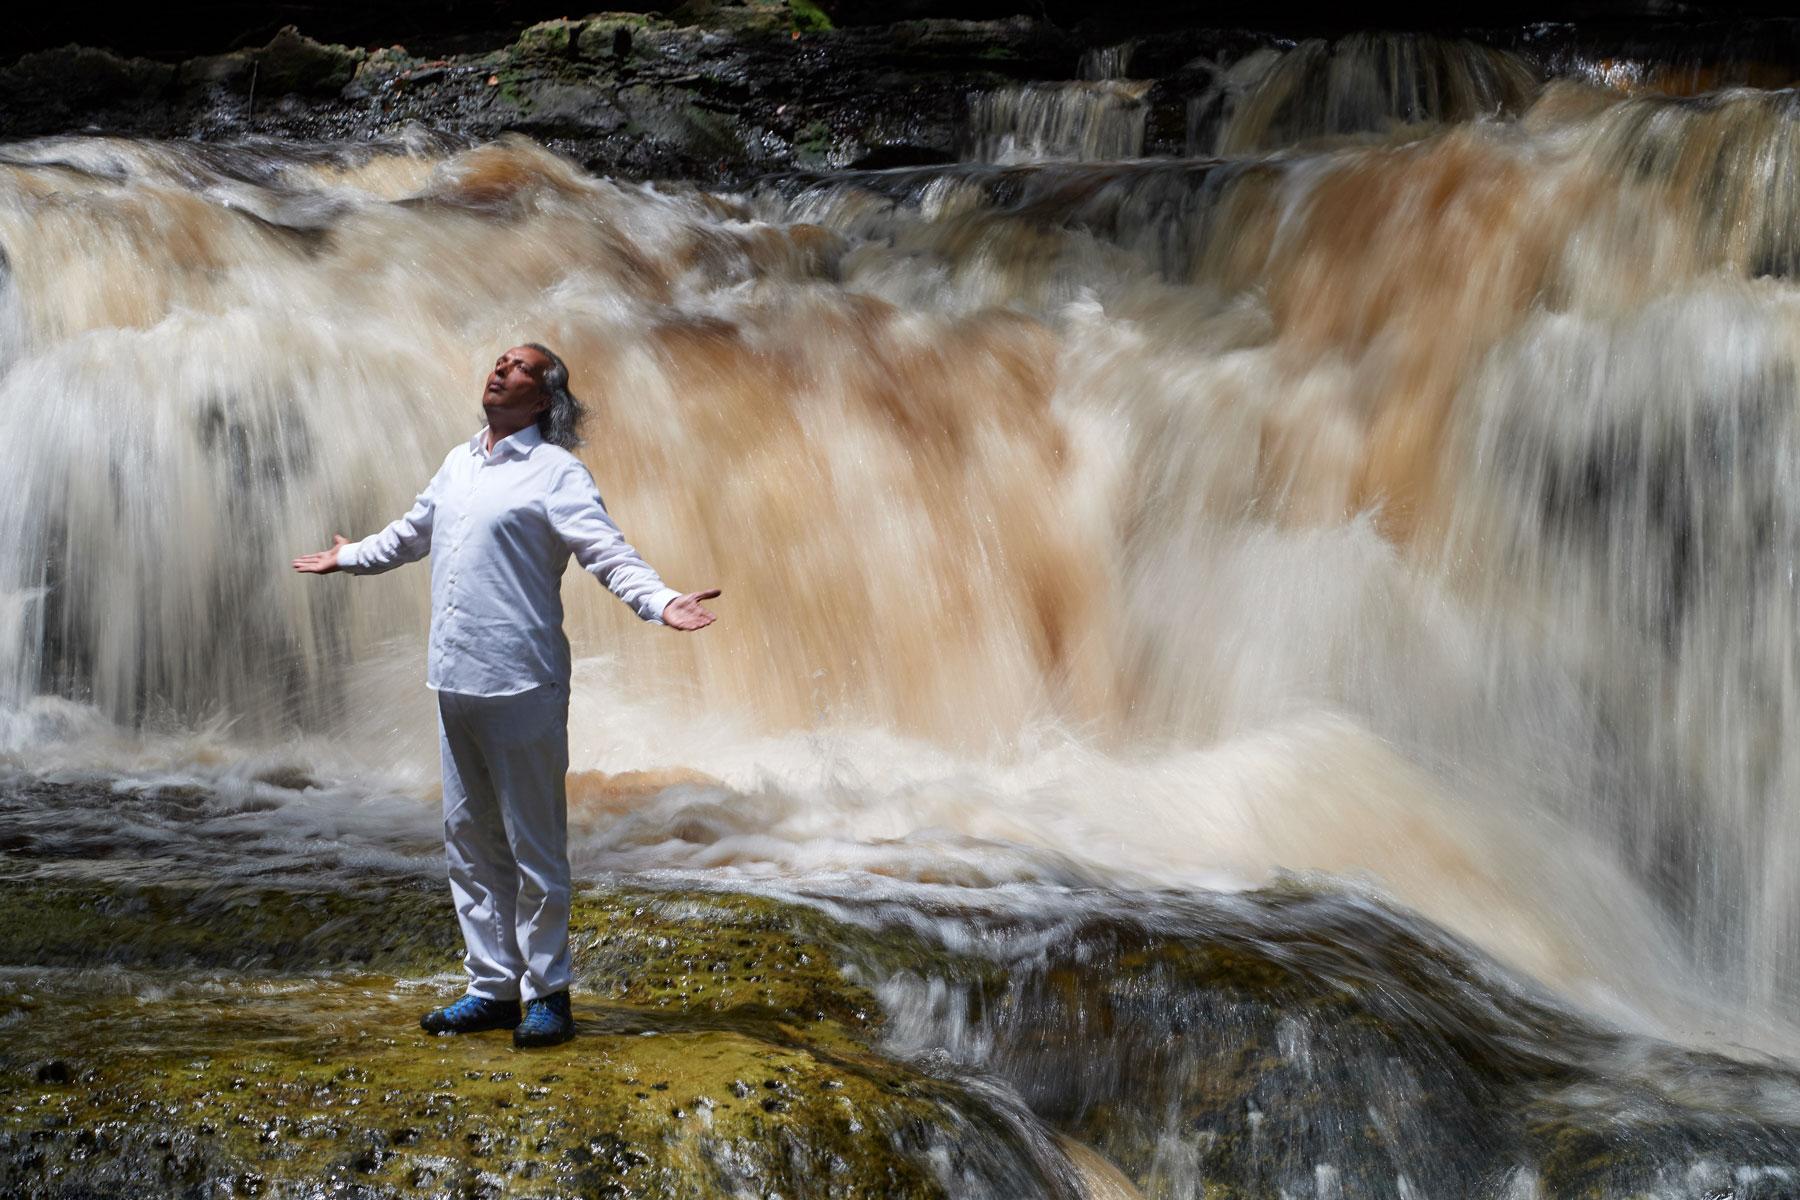 Heiliger Mann in Weiß segnet mit ausgebreiteten Armen das Wasser vor einem Wasserfall stehend